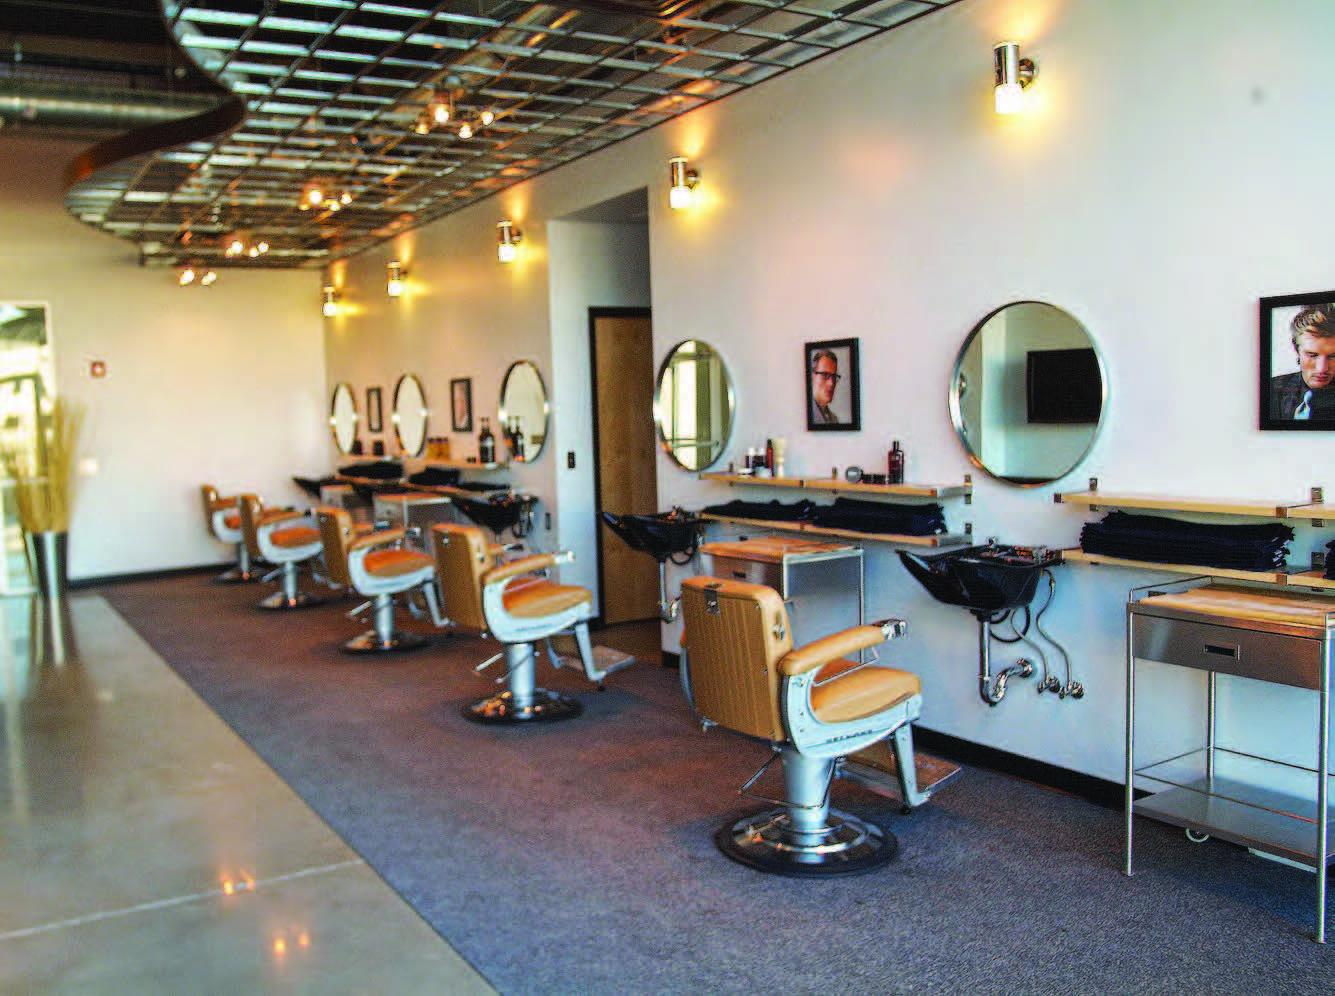 Lews BarberShop_Page_08.jpg